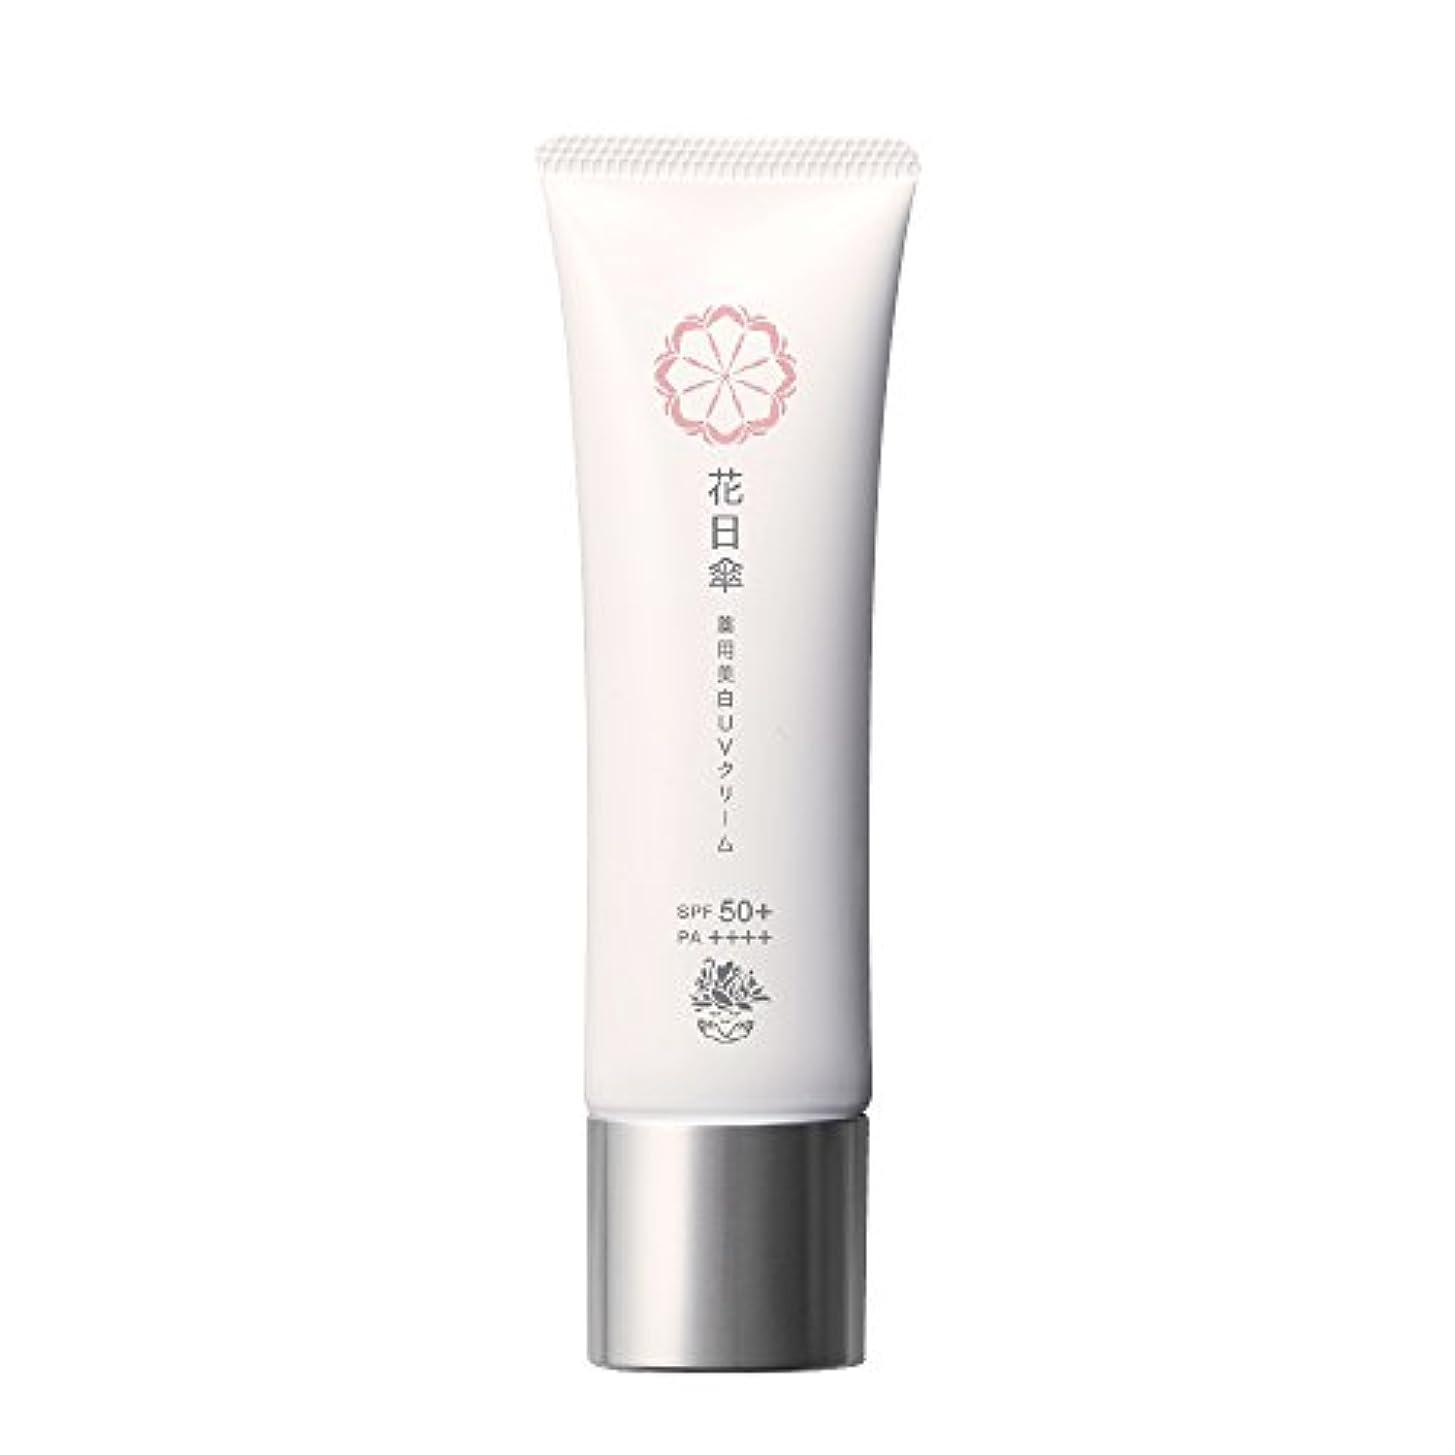 汚れた超越するレーニン主義花日傘 薬用美白UVクリーム SPF50+PA++++ 30g